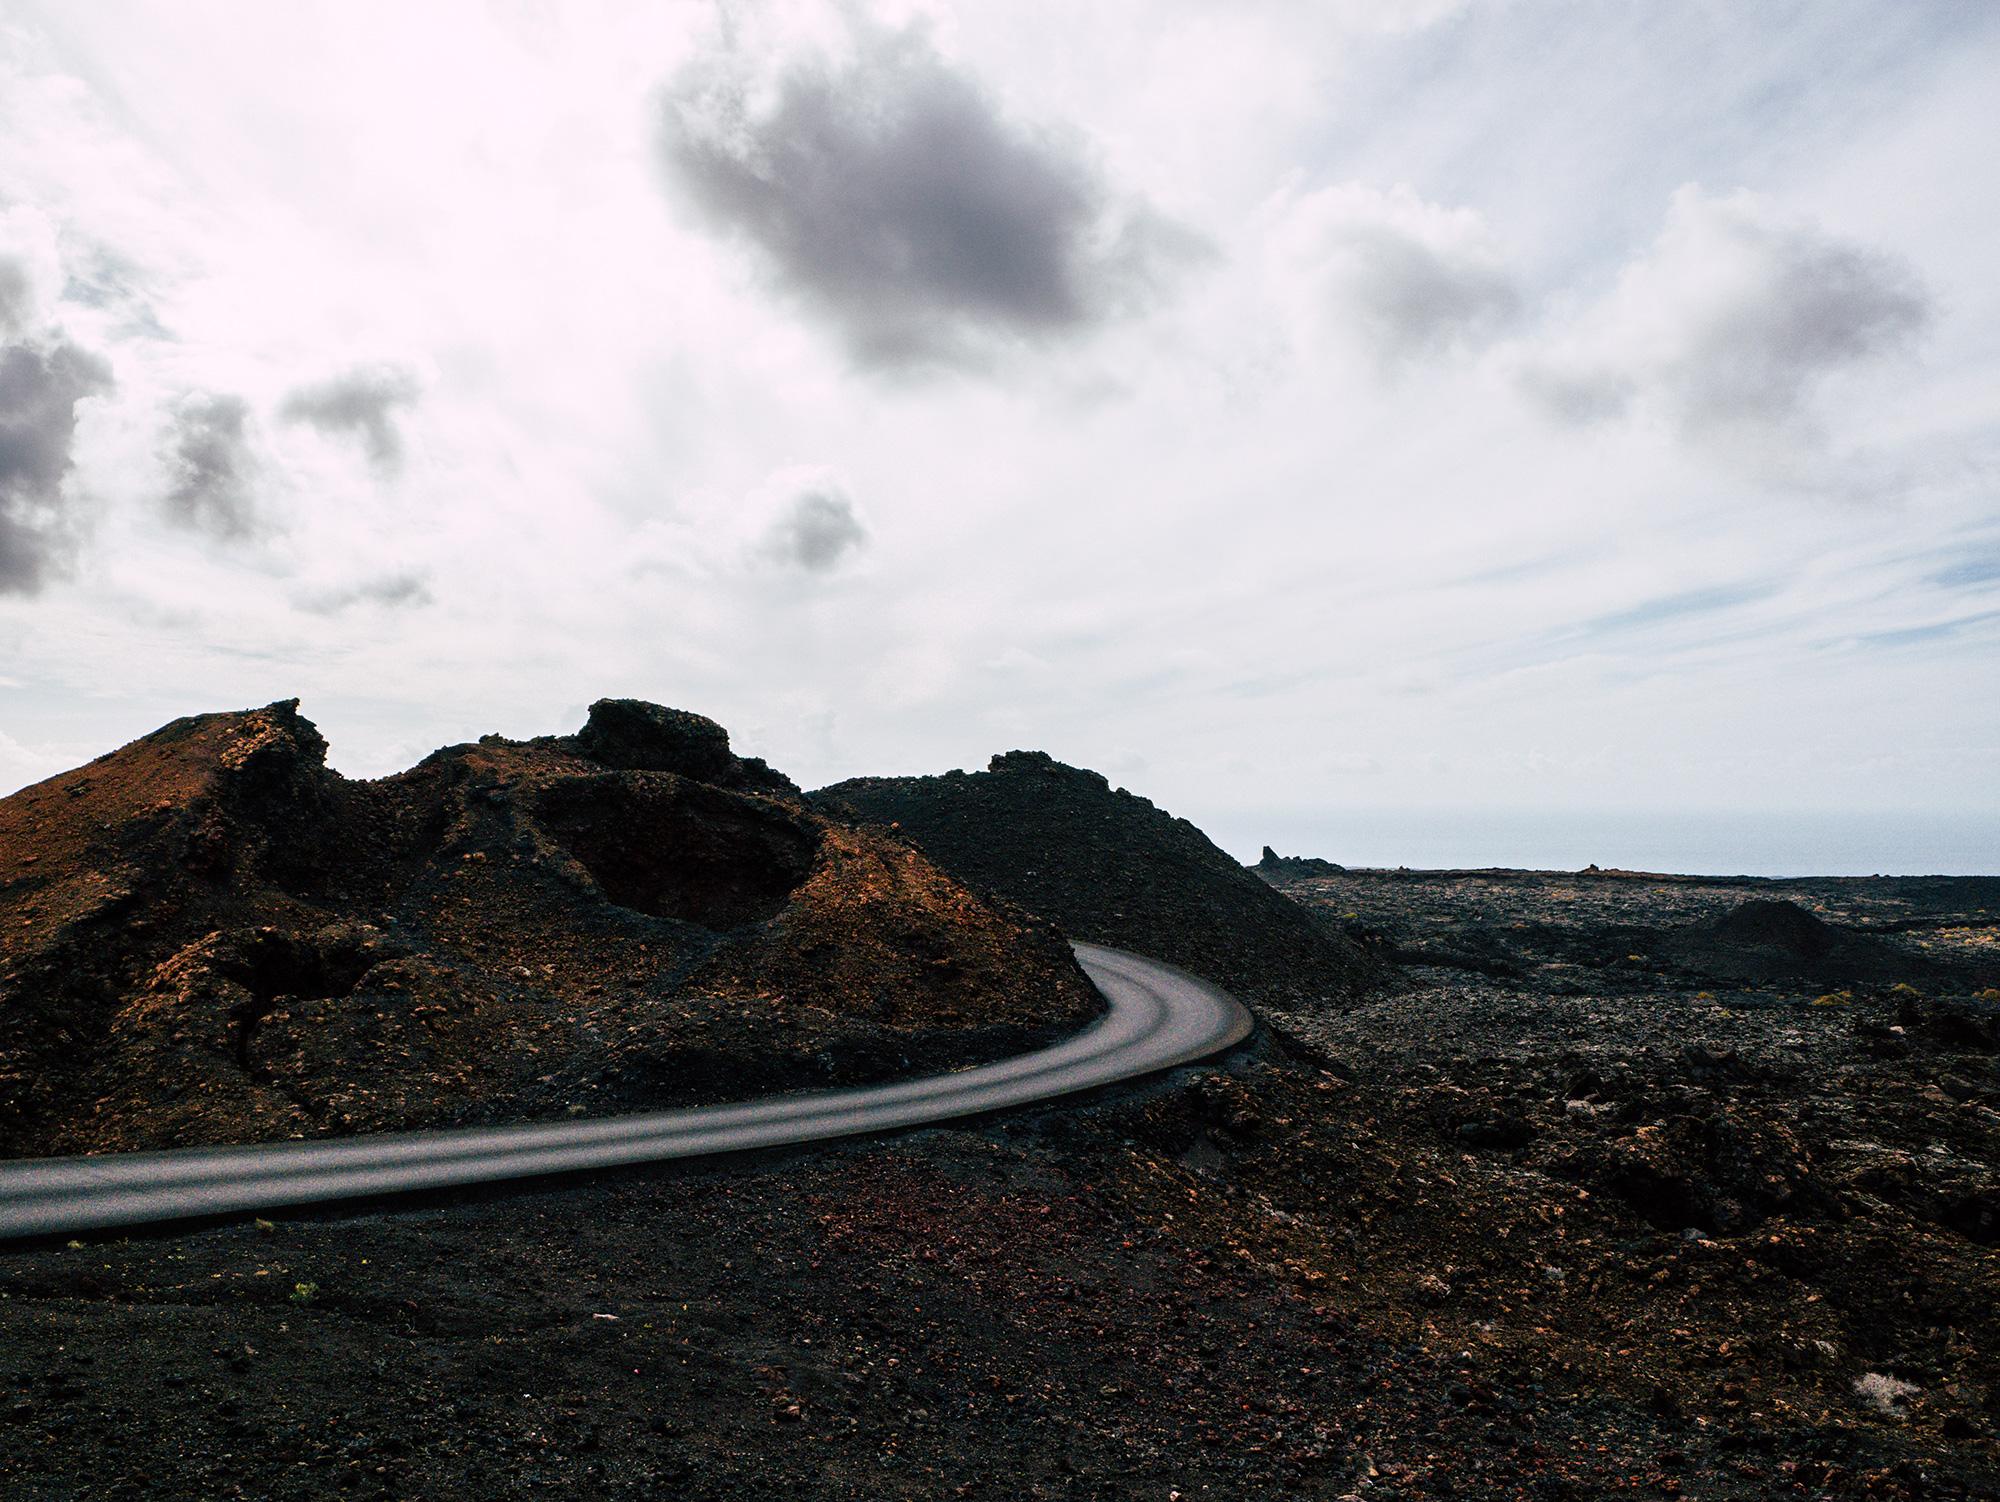 Le strade deserte fotografate a Lanzarote | Collater.al